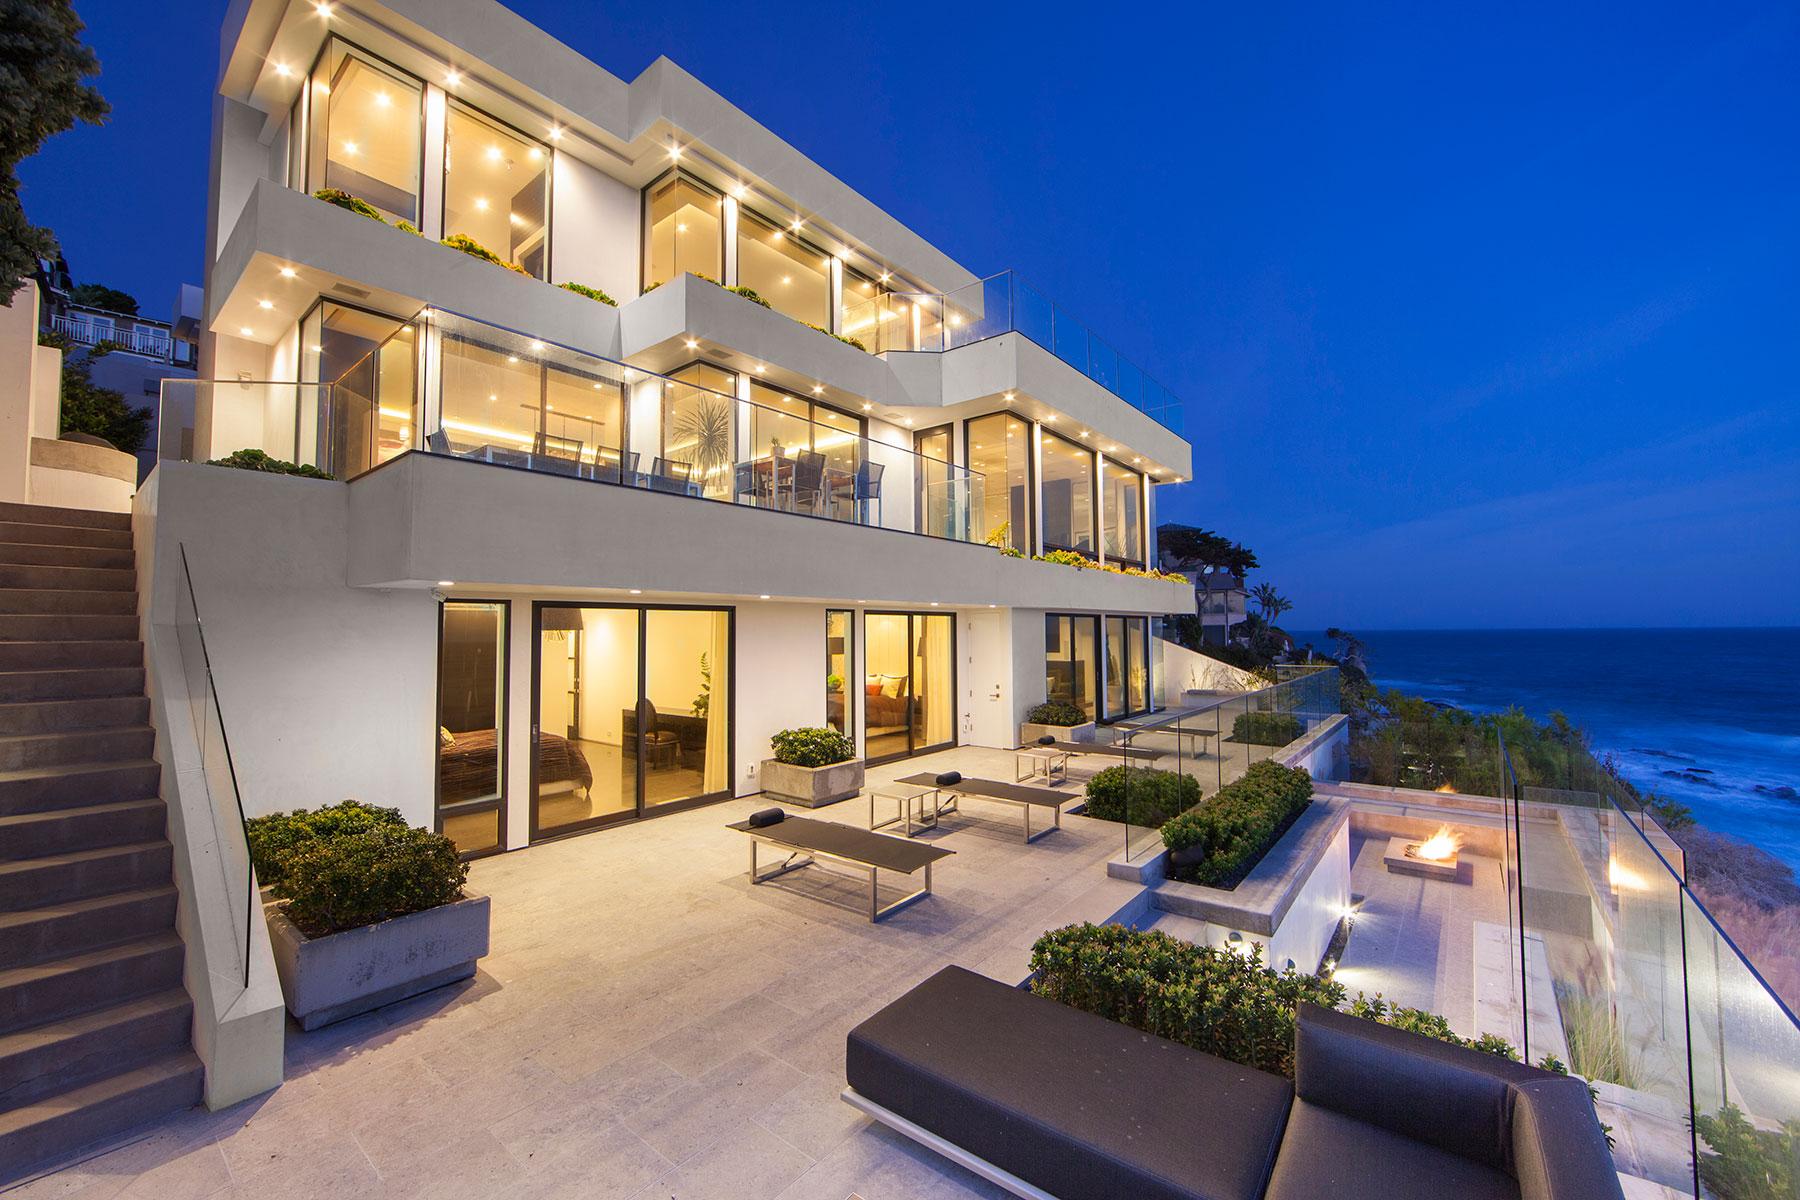 独户住宅 为 销售 在 2661 Victoria Dr. 拉古纳, 加利福尼亚州, 92651 美国